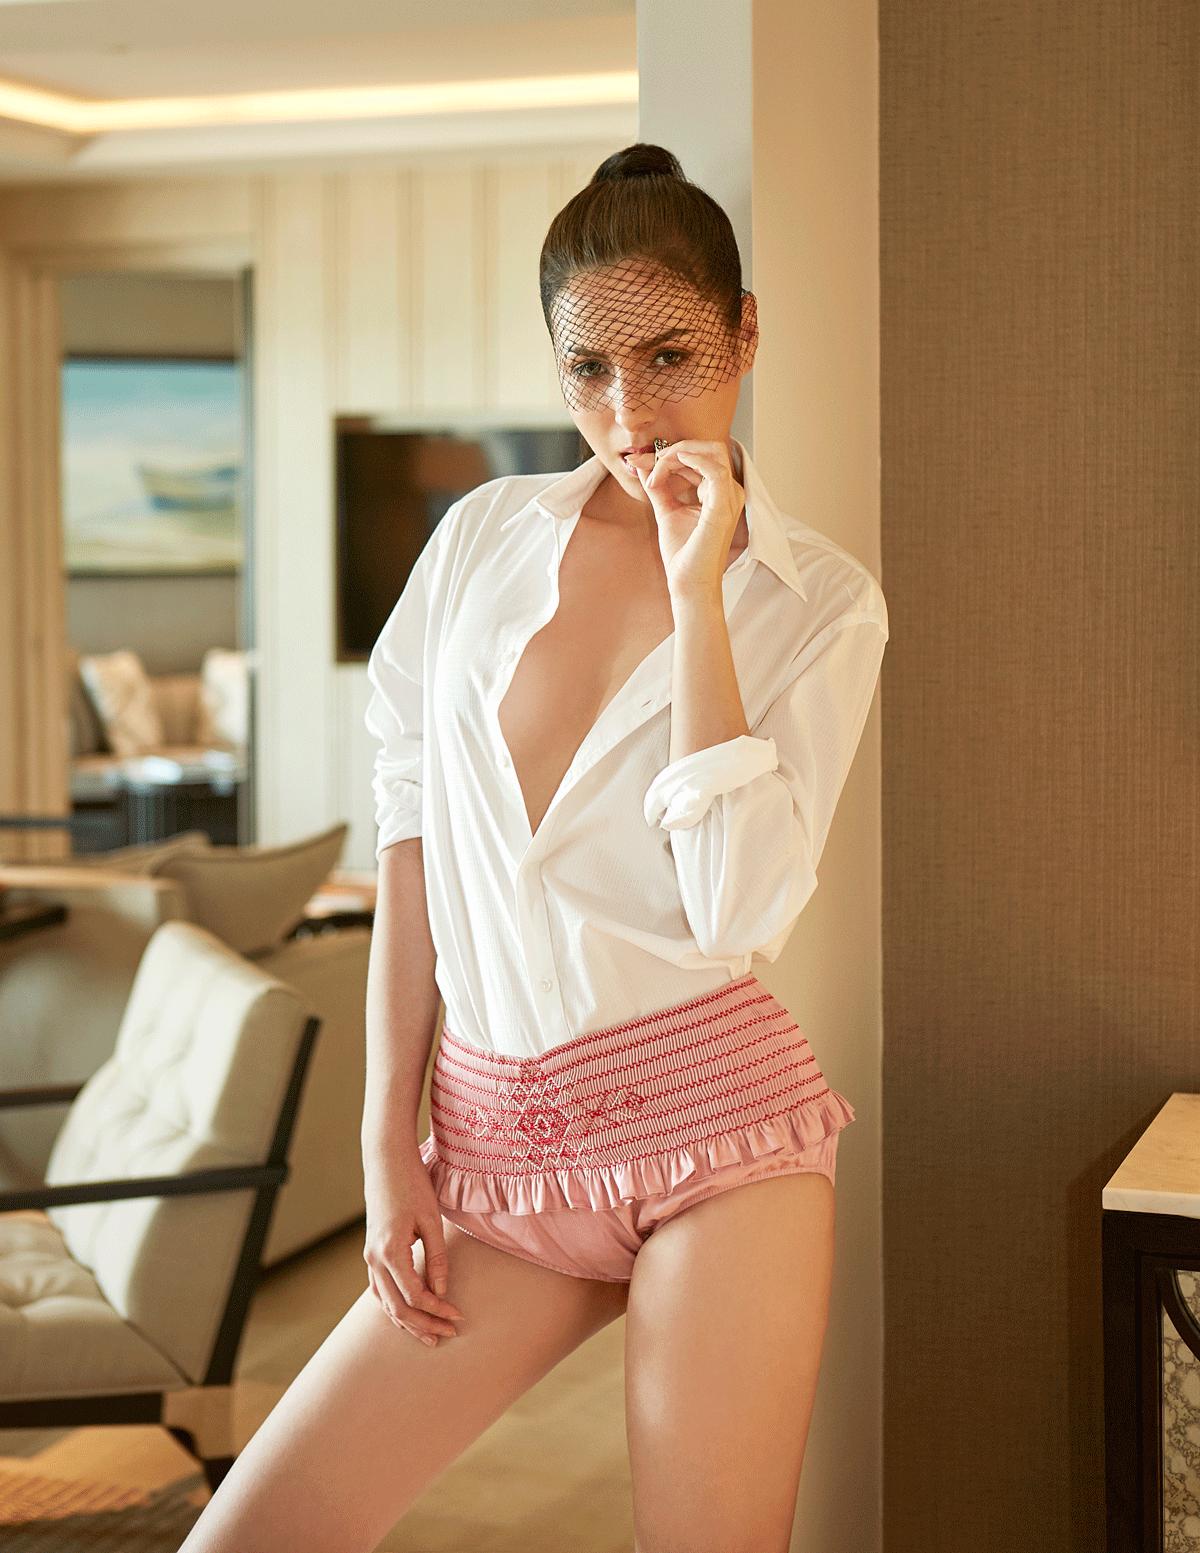 shorts : MIU MIU